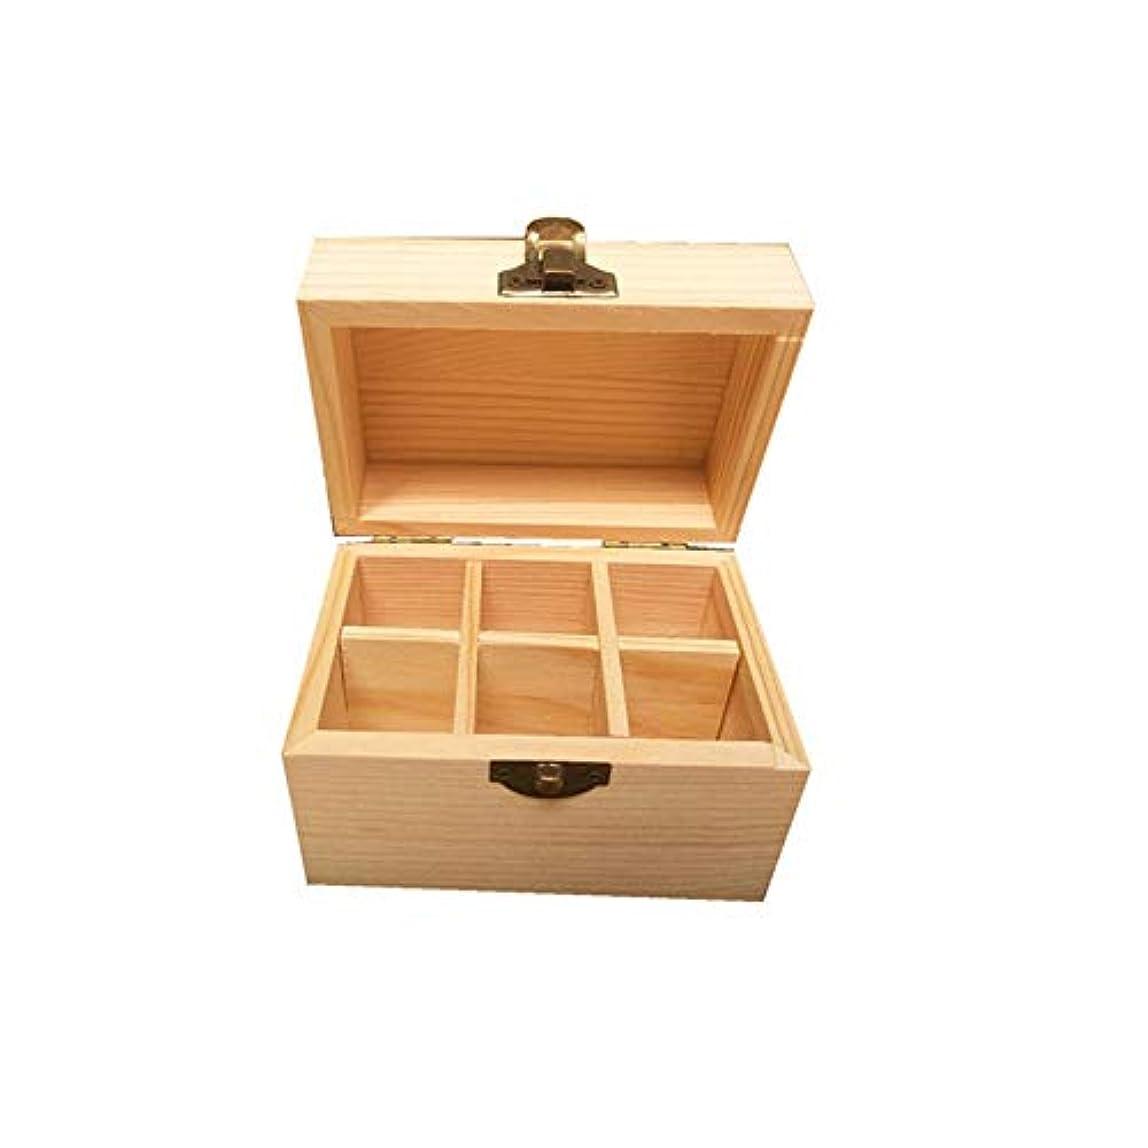 ダースブースト古いエッセンシャルオイルの保管 6つのボトル木製エッセンシャルオイルストレージボックスパーフェクトエッセンシャルオイルケース (色 : Natural, サイズ : 12X8X8.5CM)